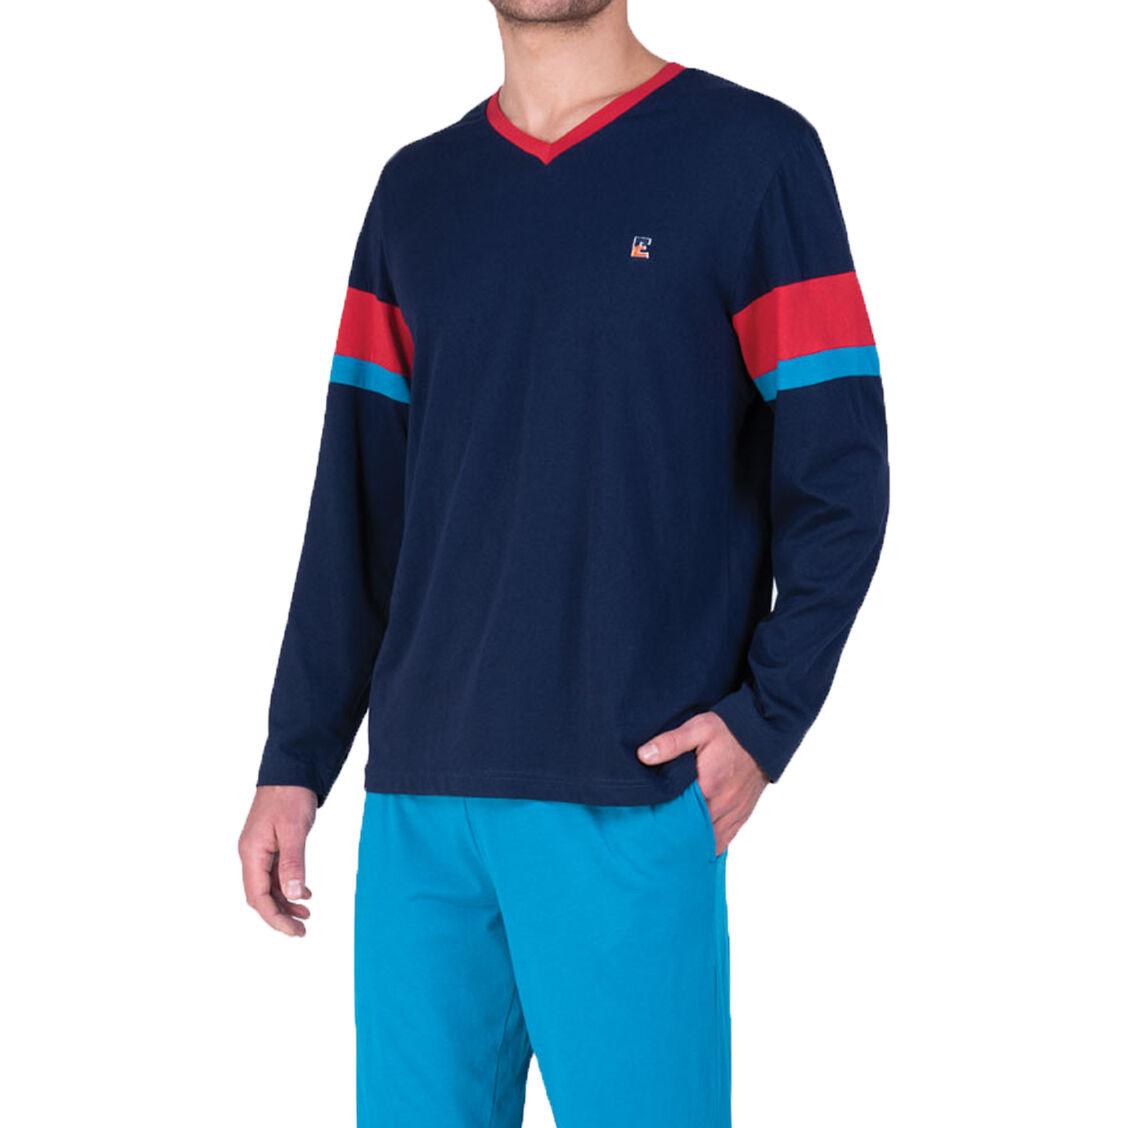 Eminence Pyjama long Eminence A vos marques en coton : tee-shirt manches longues col V bleu marine à bandes rouges et bleu cobalt et pantalon bleu cobalt - BLEU -